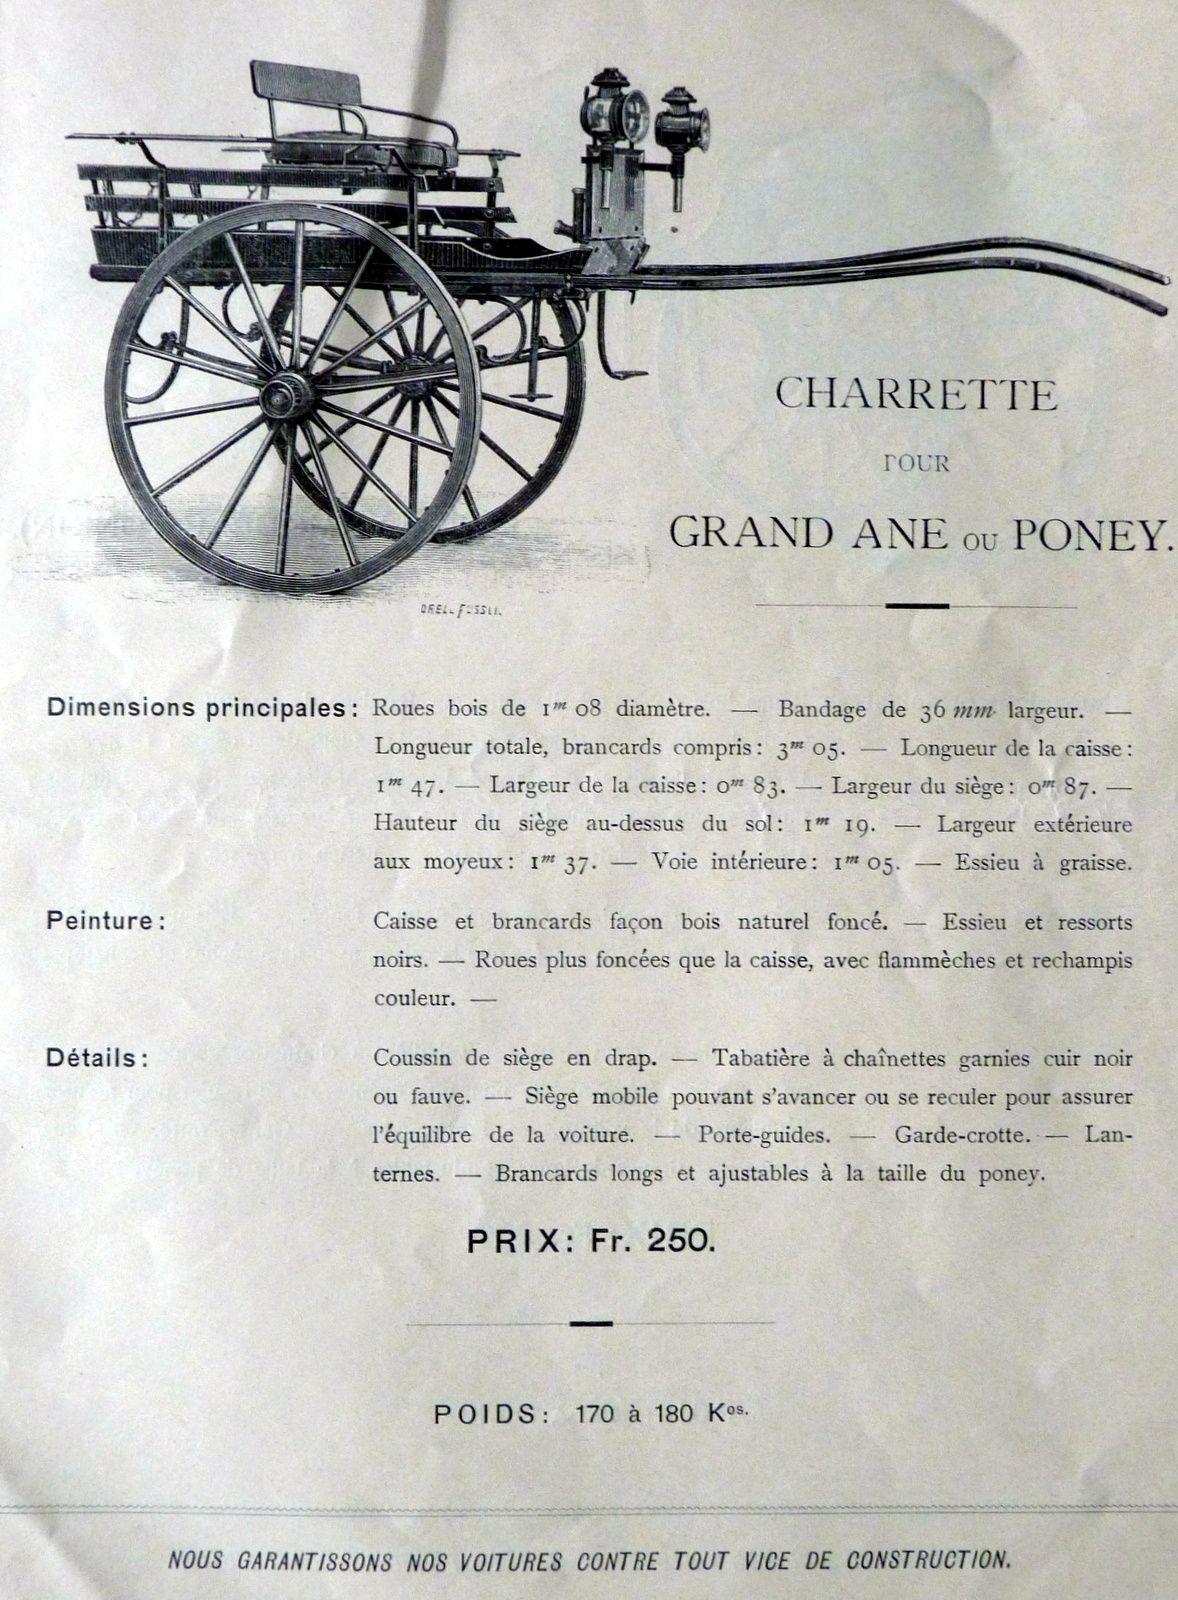 Le Lion devient les symbole de l'ensemble des productions Peugeot, en 1858